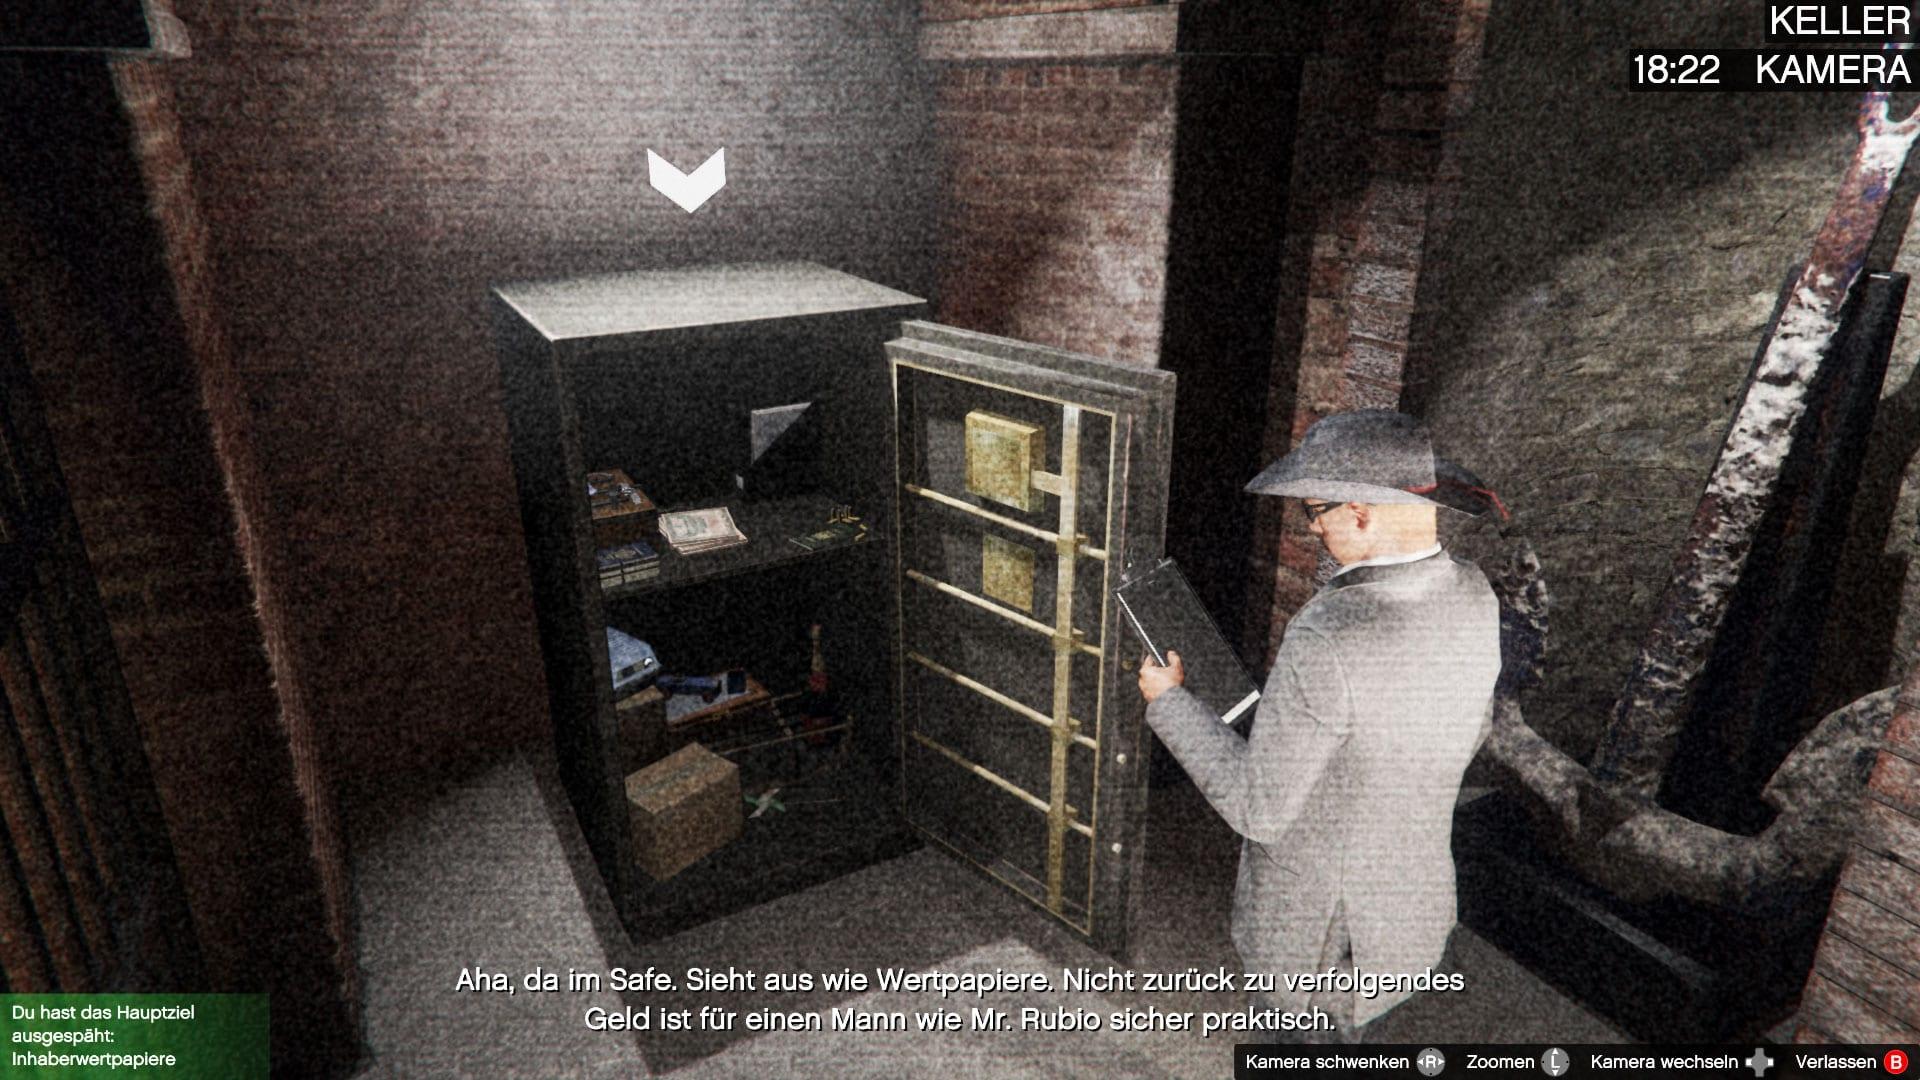 GTA Online Cayo Perico Heist - Wertpapiere